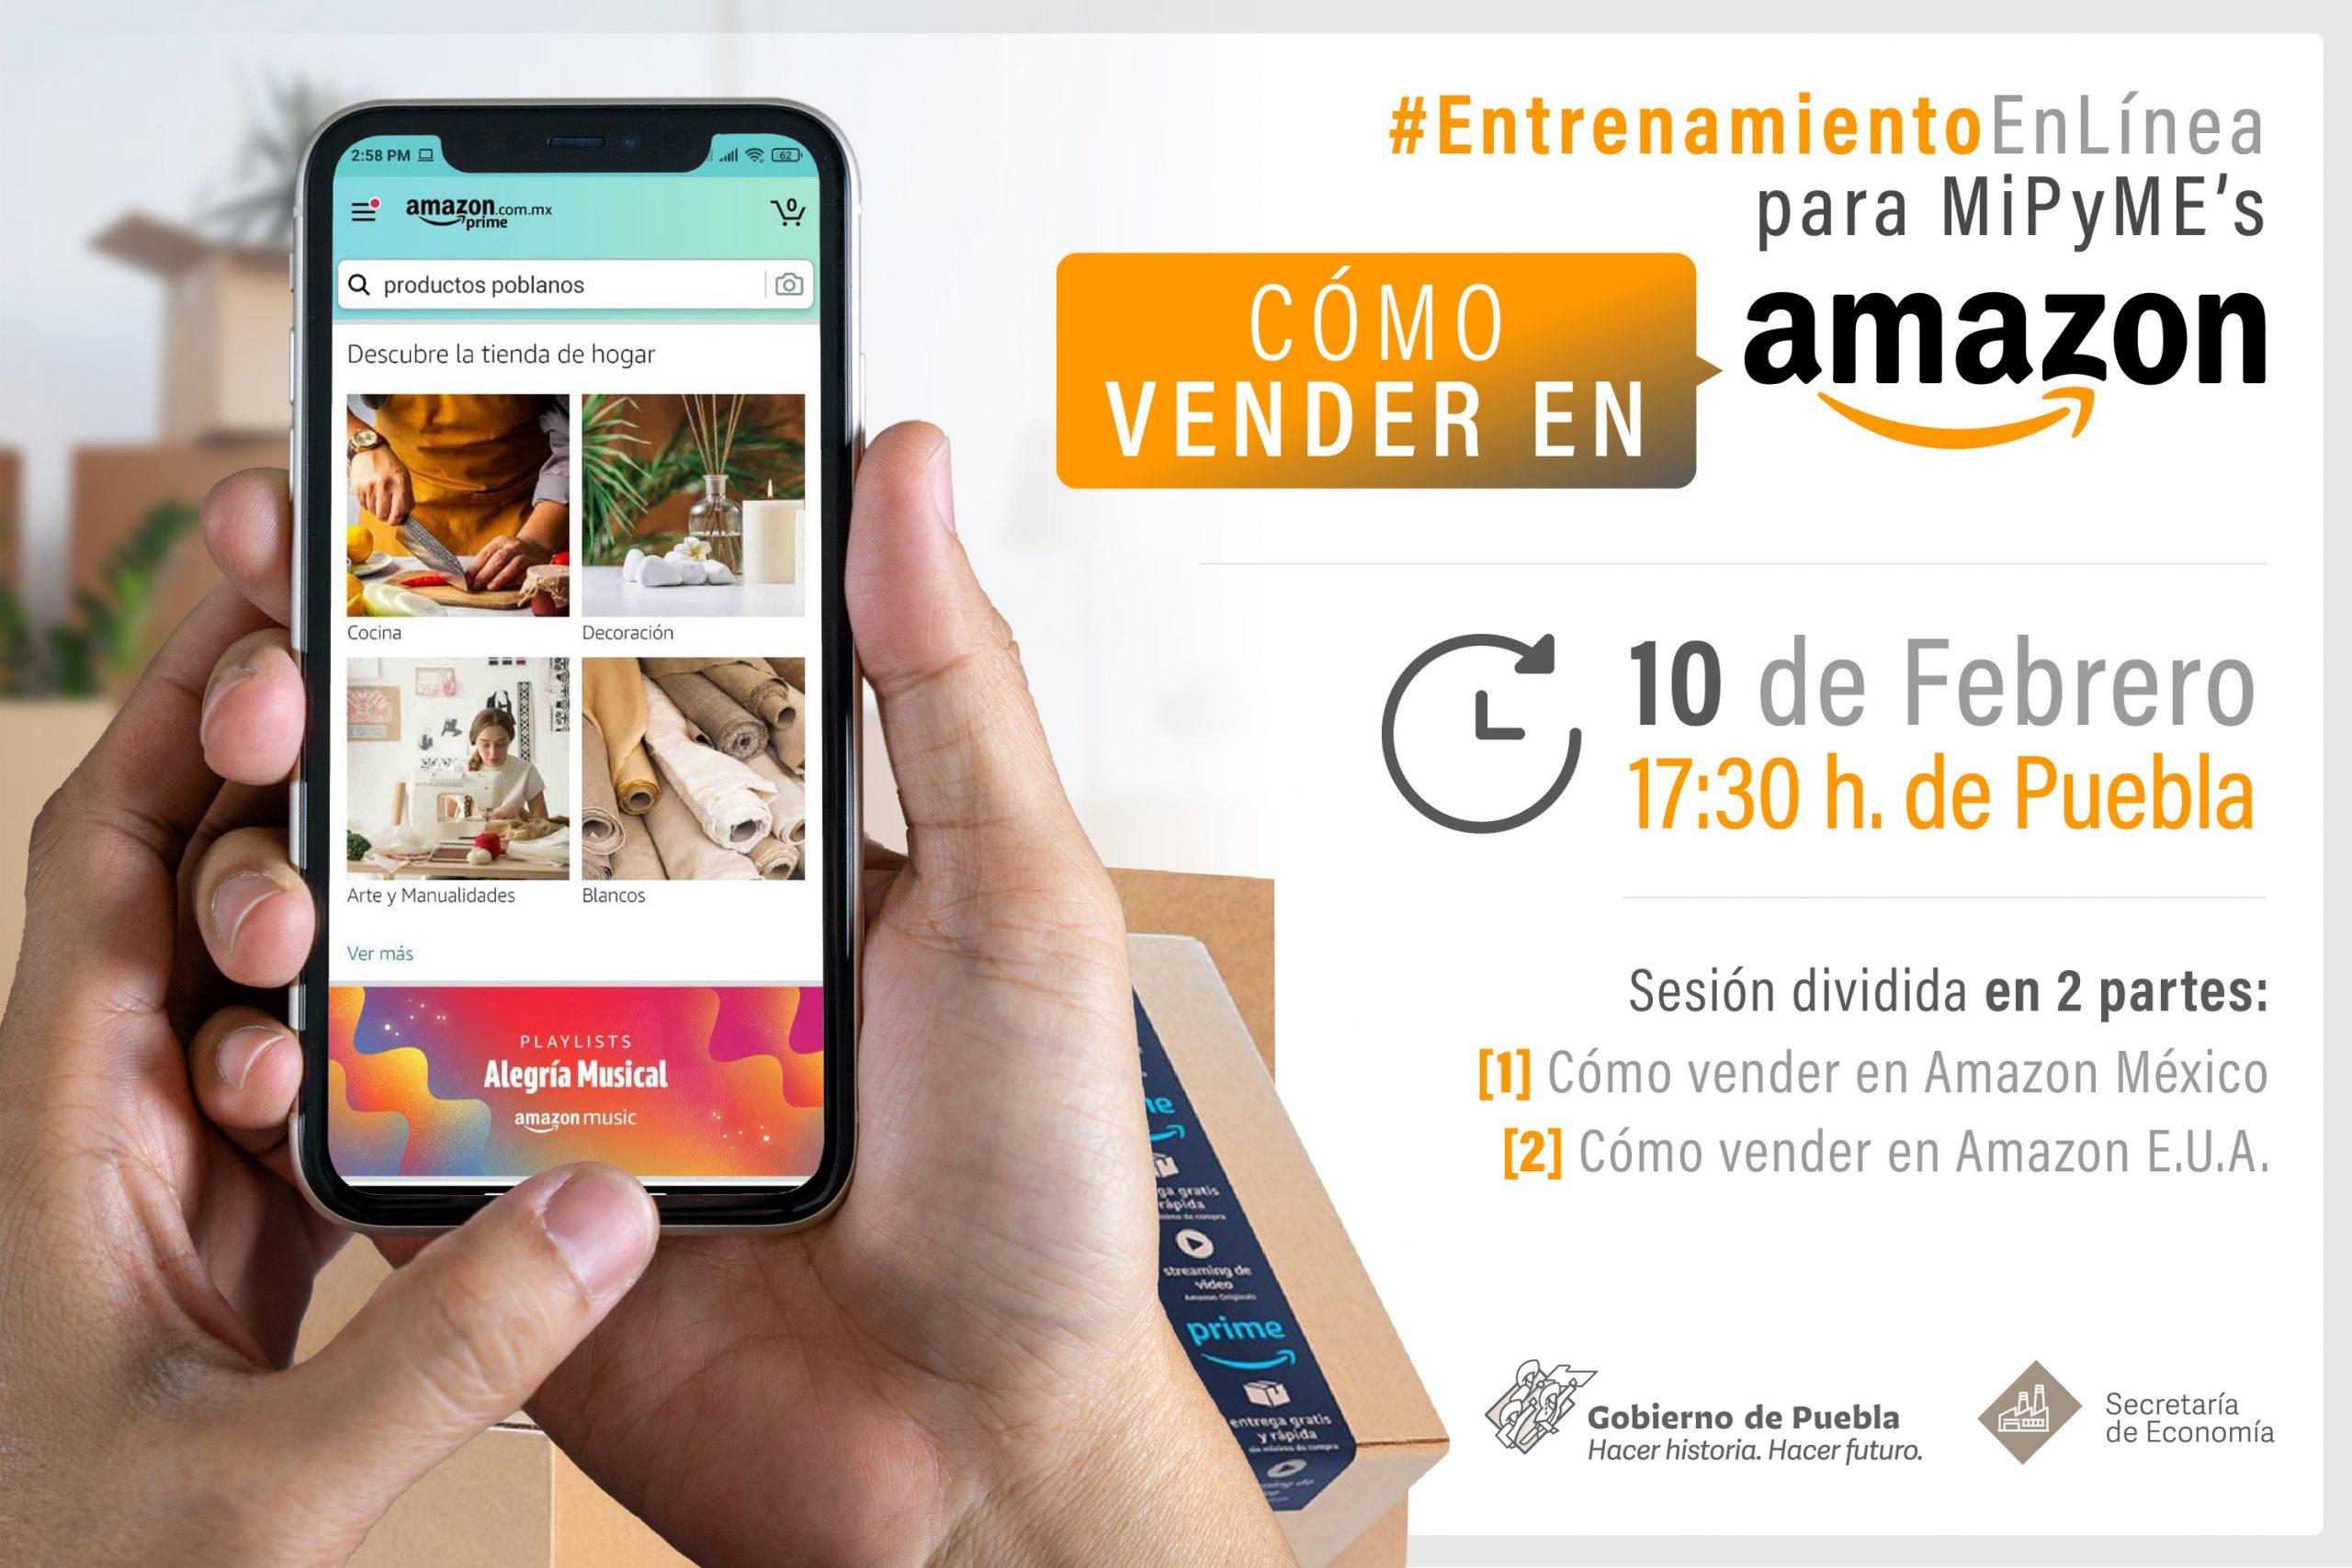 Desarrollarán Secretaría de Economía y Amazon taller en línea